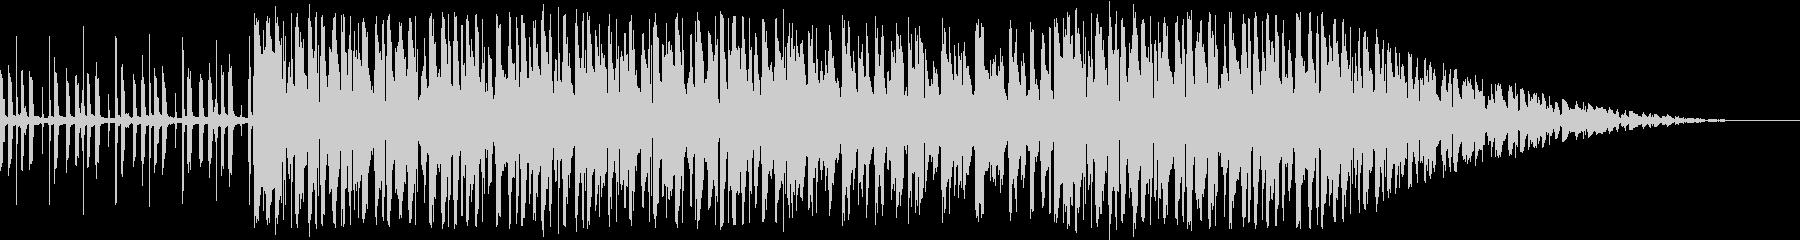 クールなLOFI -BEATの未再生の波形